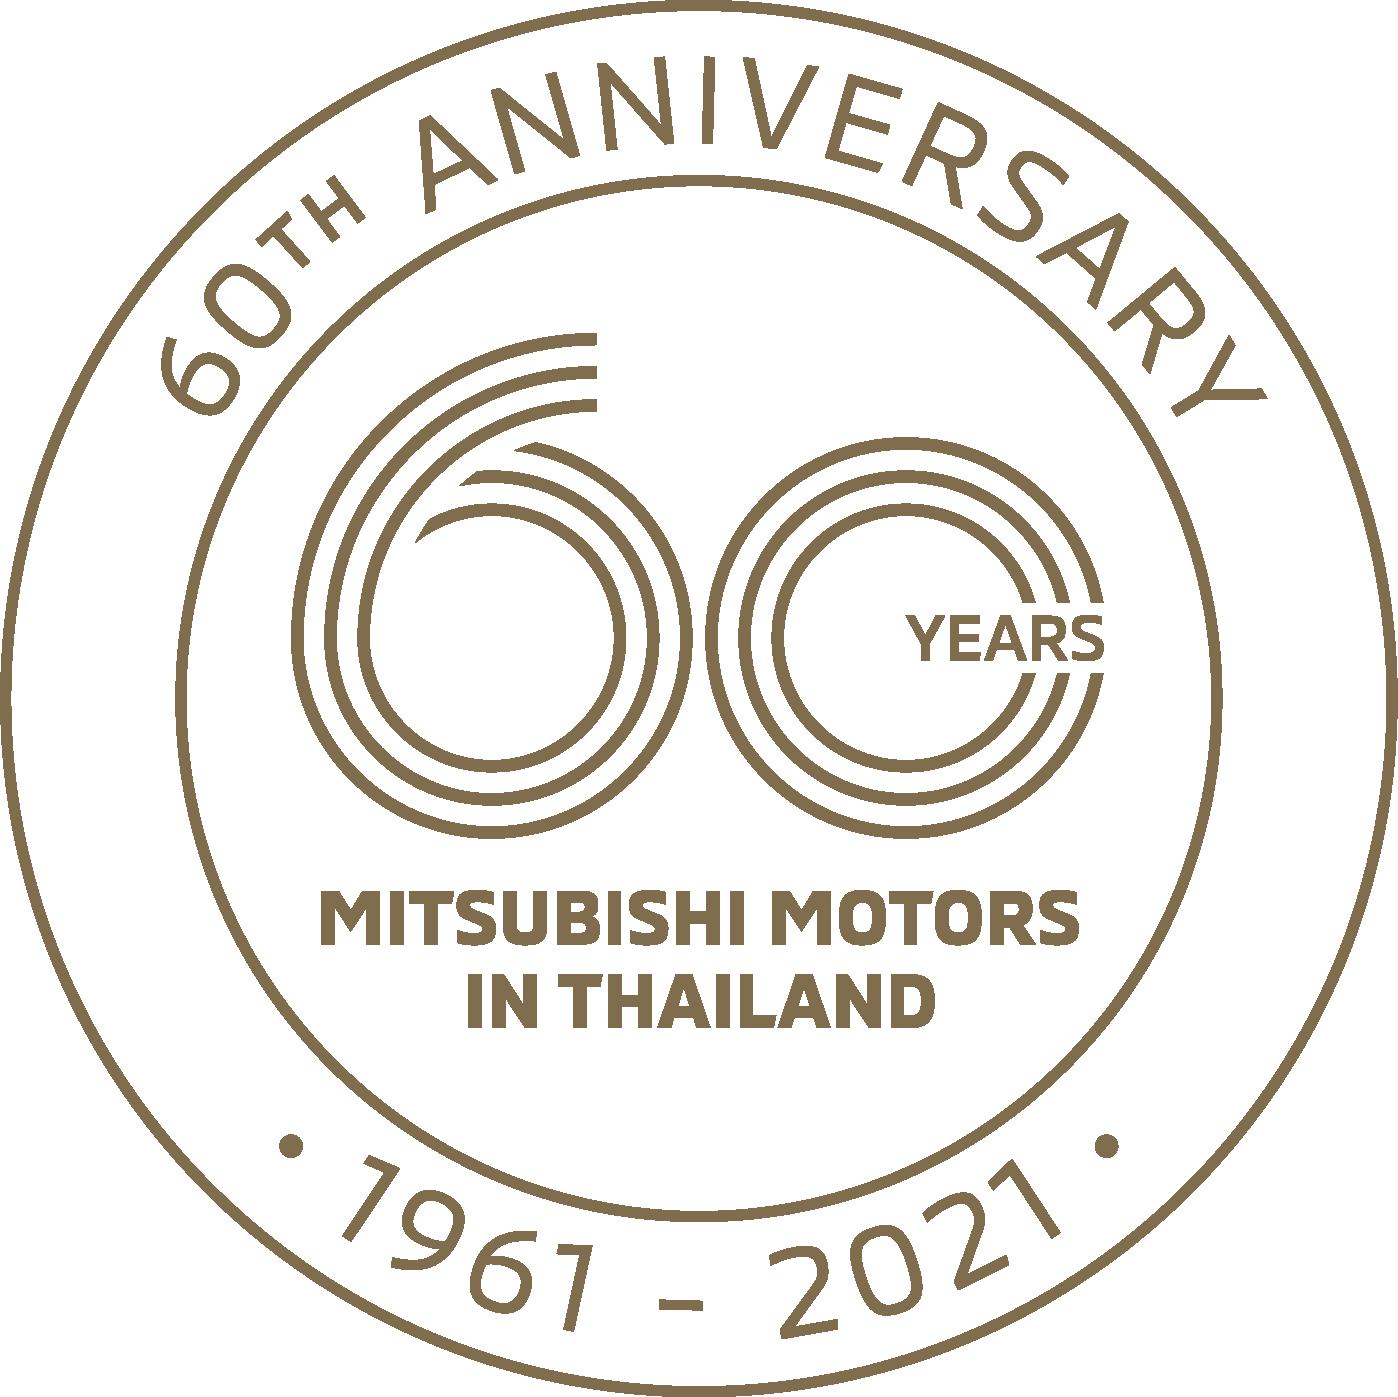 มิตซูบิชิ มอเตอร์ส ประเทศไทย ฉลองครบรอบ 60 ปี เพื่อสังคมไทย